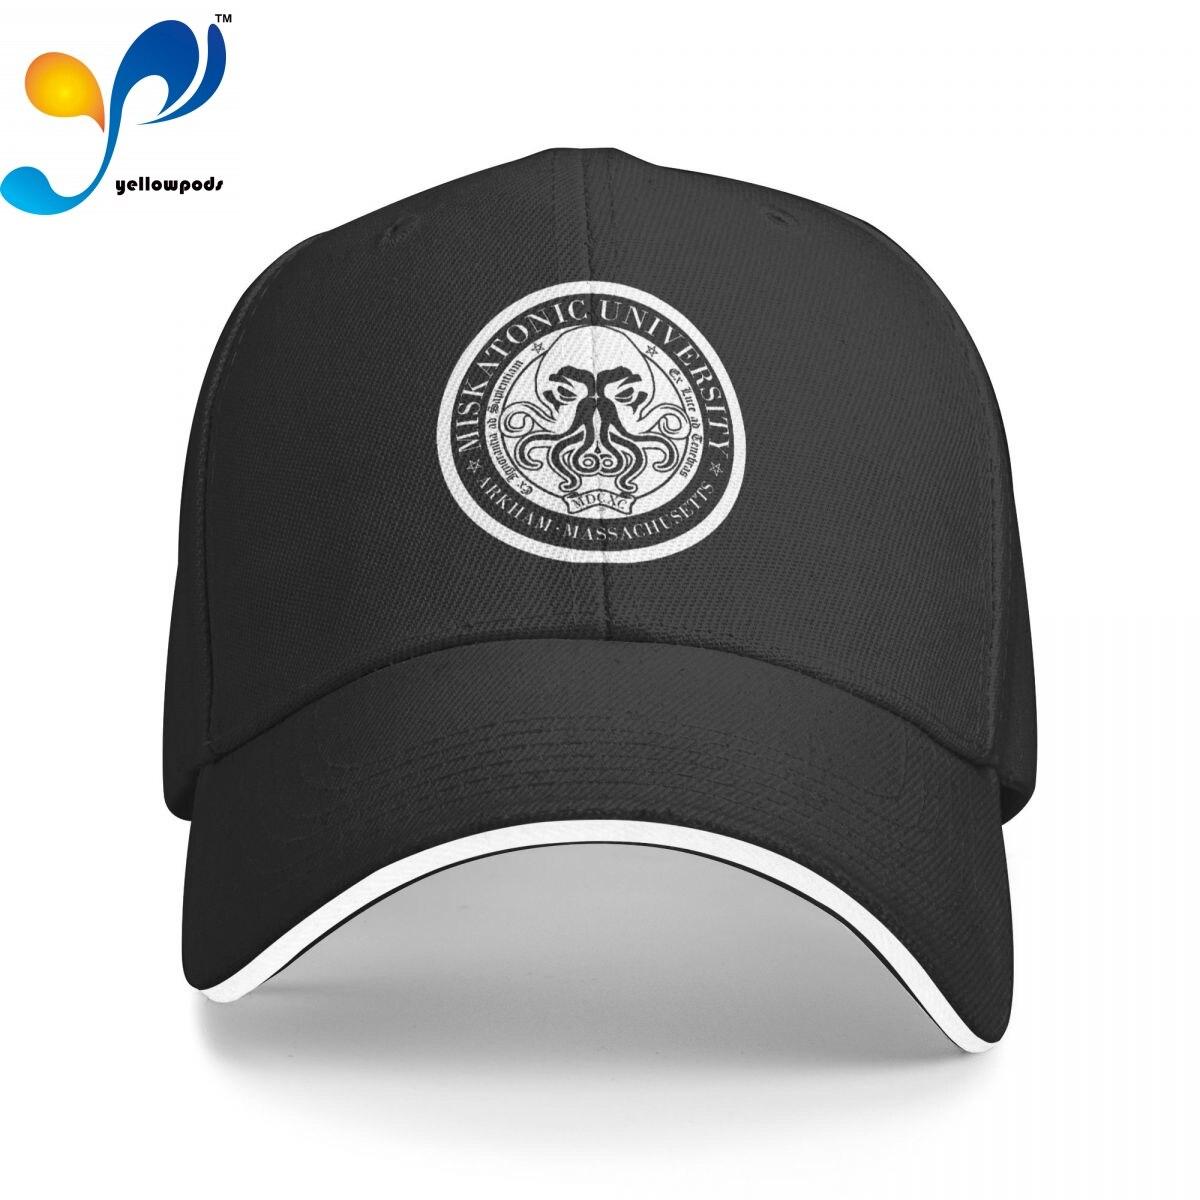 Мужские модные кепки для университета MISKATONIC, модные кепки для эмблемы